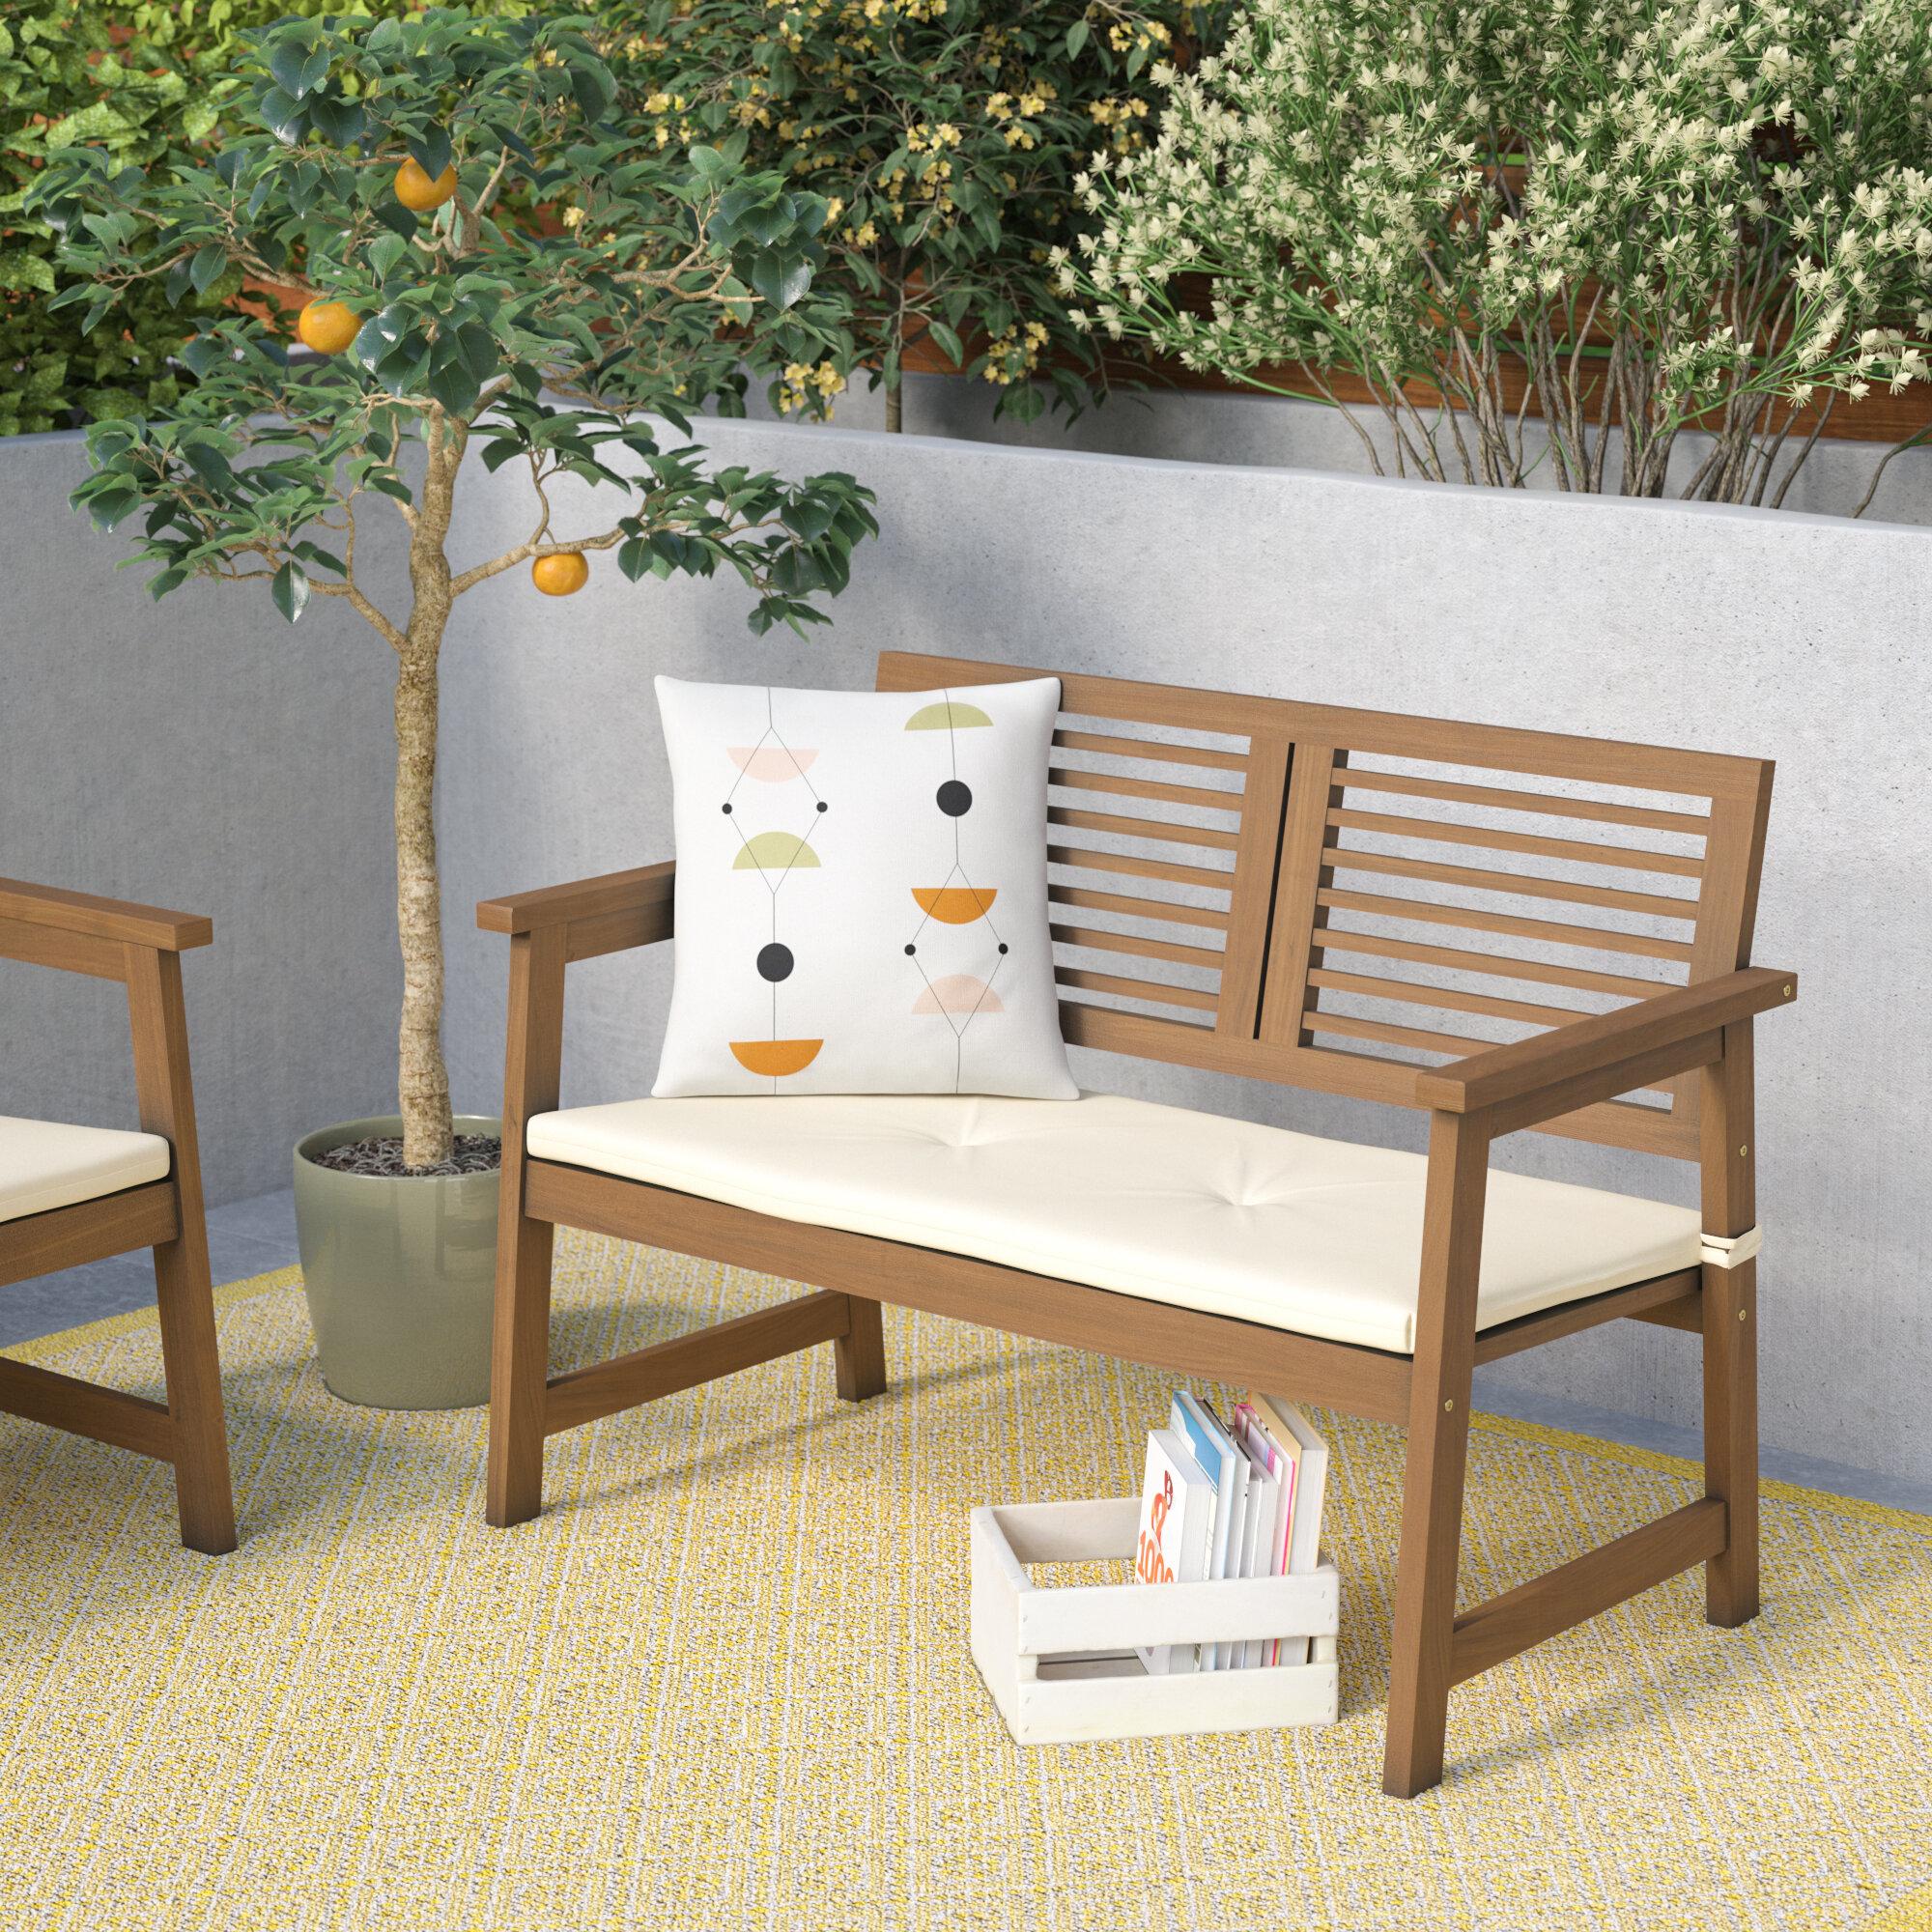 Arianna Meranti Wooden Garden Bench In Leora Wooden Garden Benches (View 11 of 25)